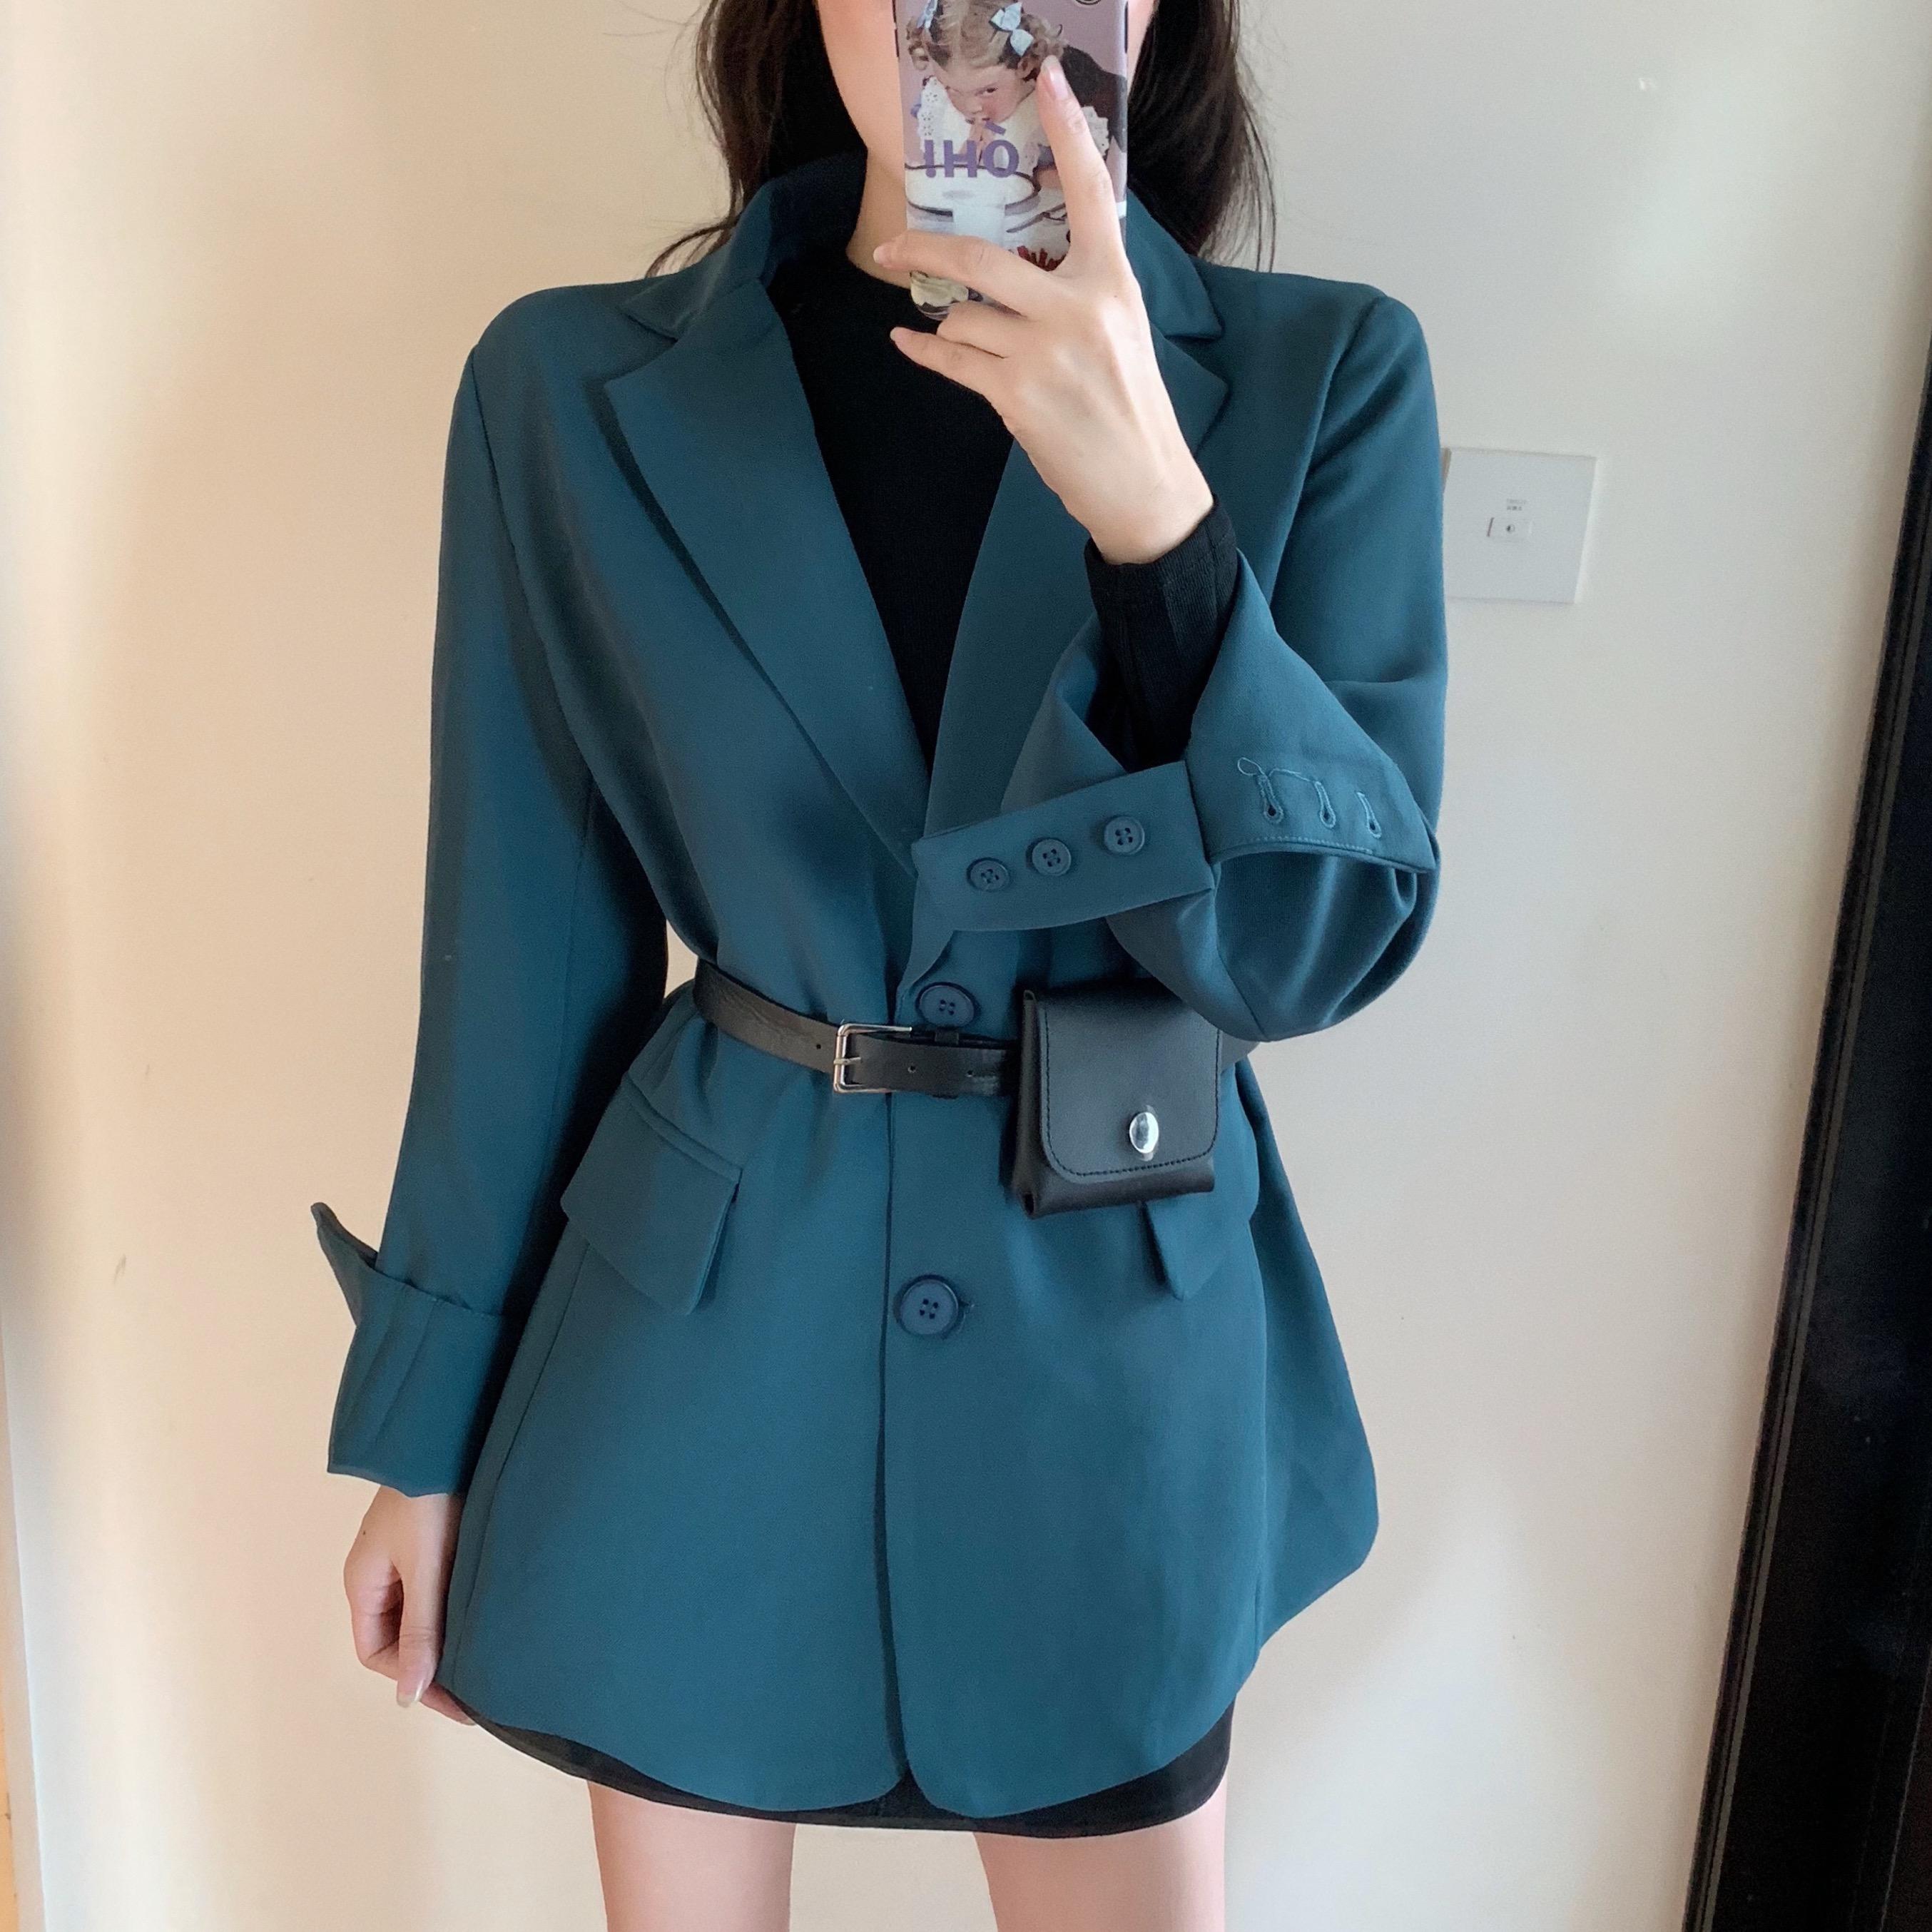 實拍實價# 2019秋裝新款 韓版氣質短款西服外套 藍色小西裝